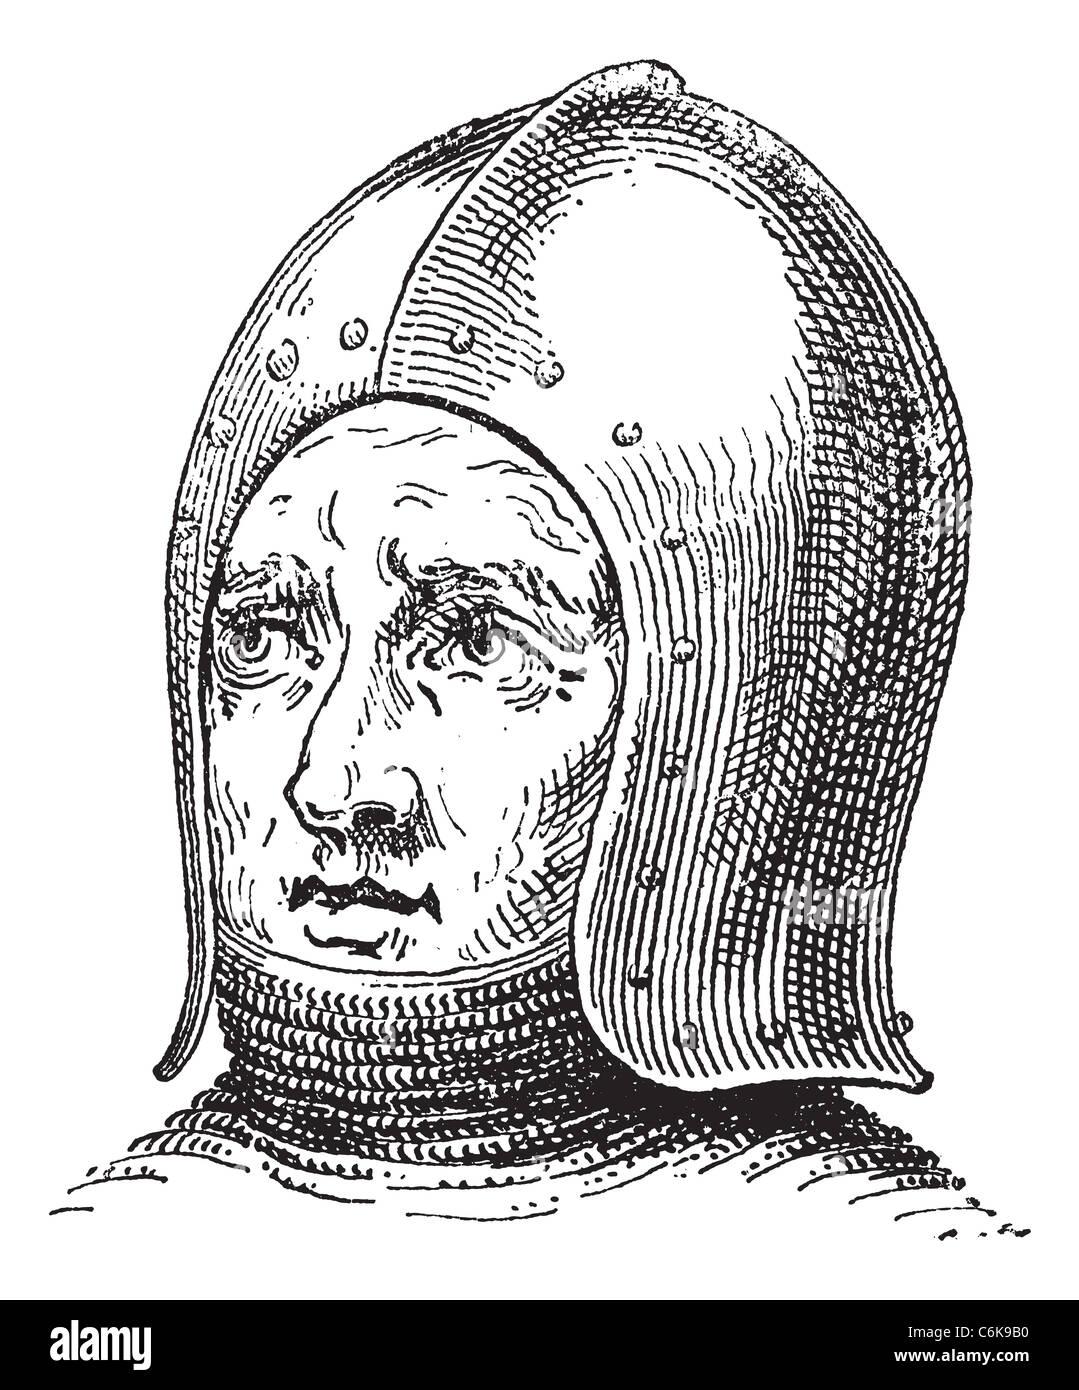 31f4fc5ec8b2f O Sallet Schaller o guerra casco o galea vintage grabado. Ilustración  grabada antiguo casco de